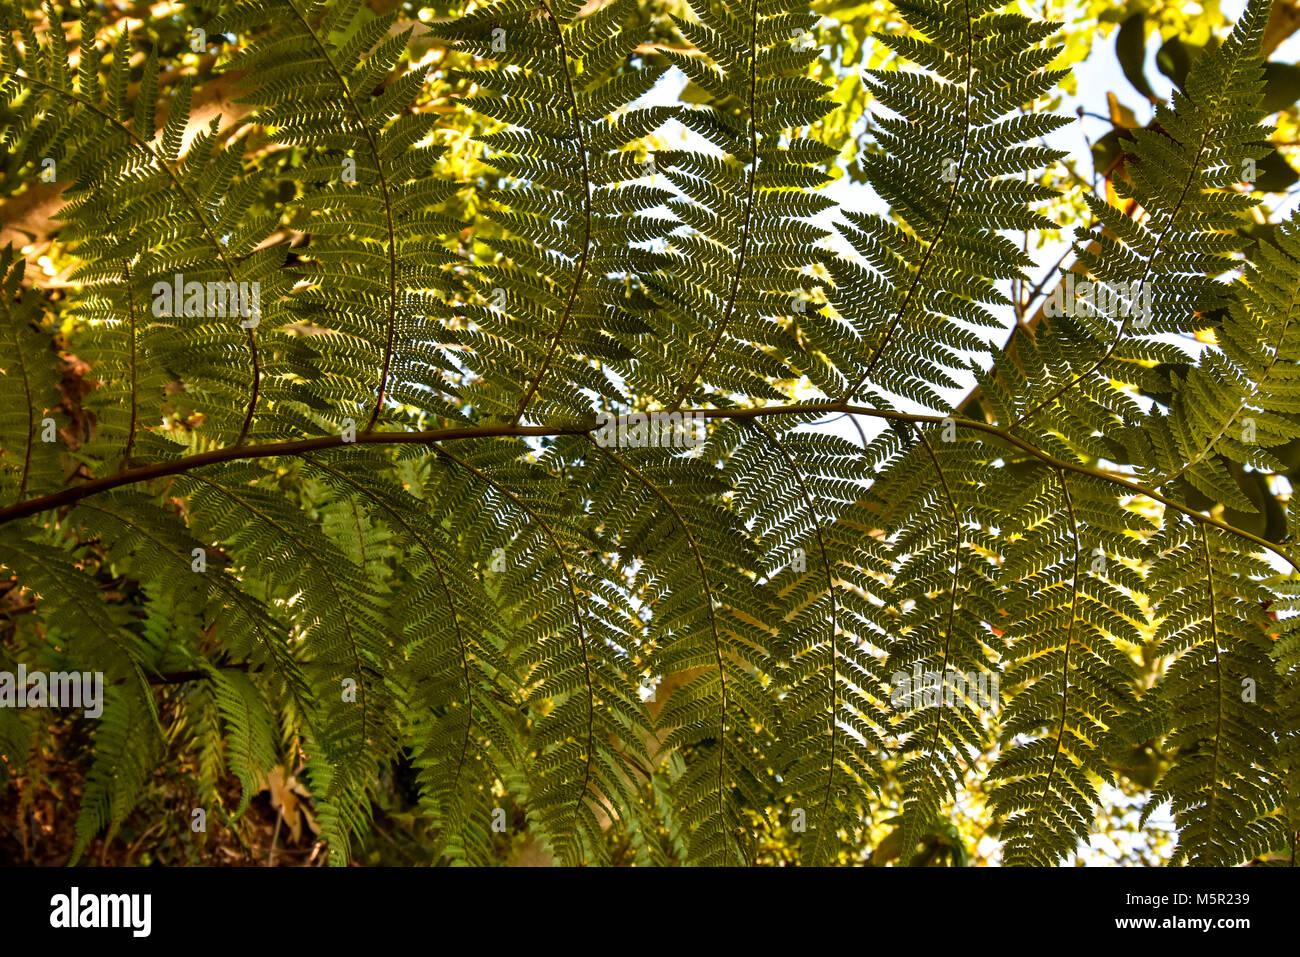 Die UC Berkeley Botanical Garden ist eine unglaubliche Quelle der natürlichen Schönheit auf dem Campus, Stockbild